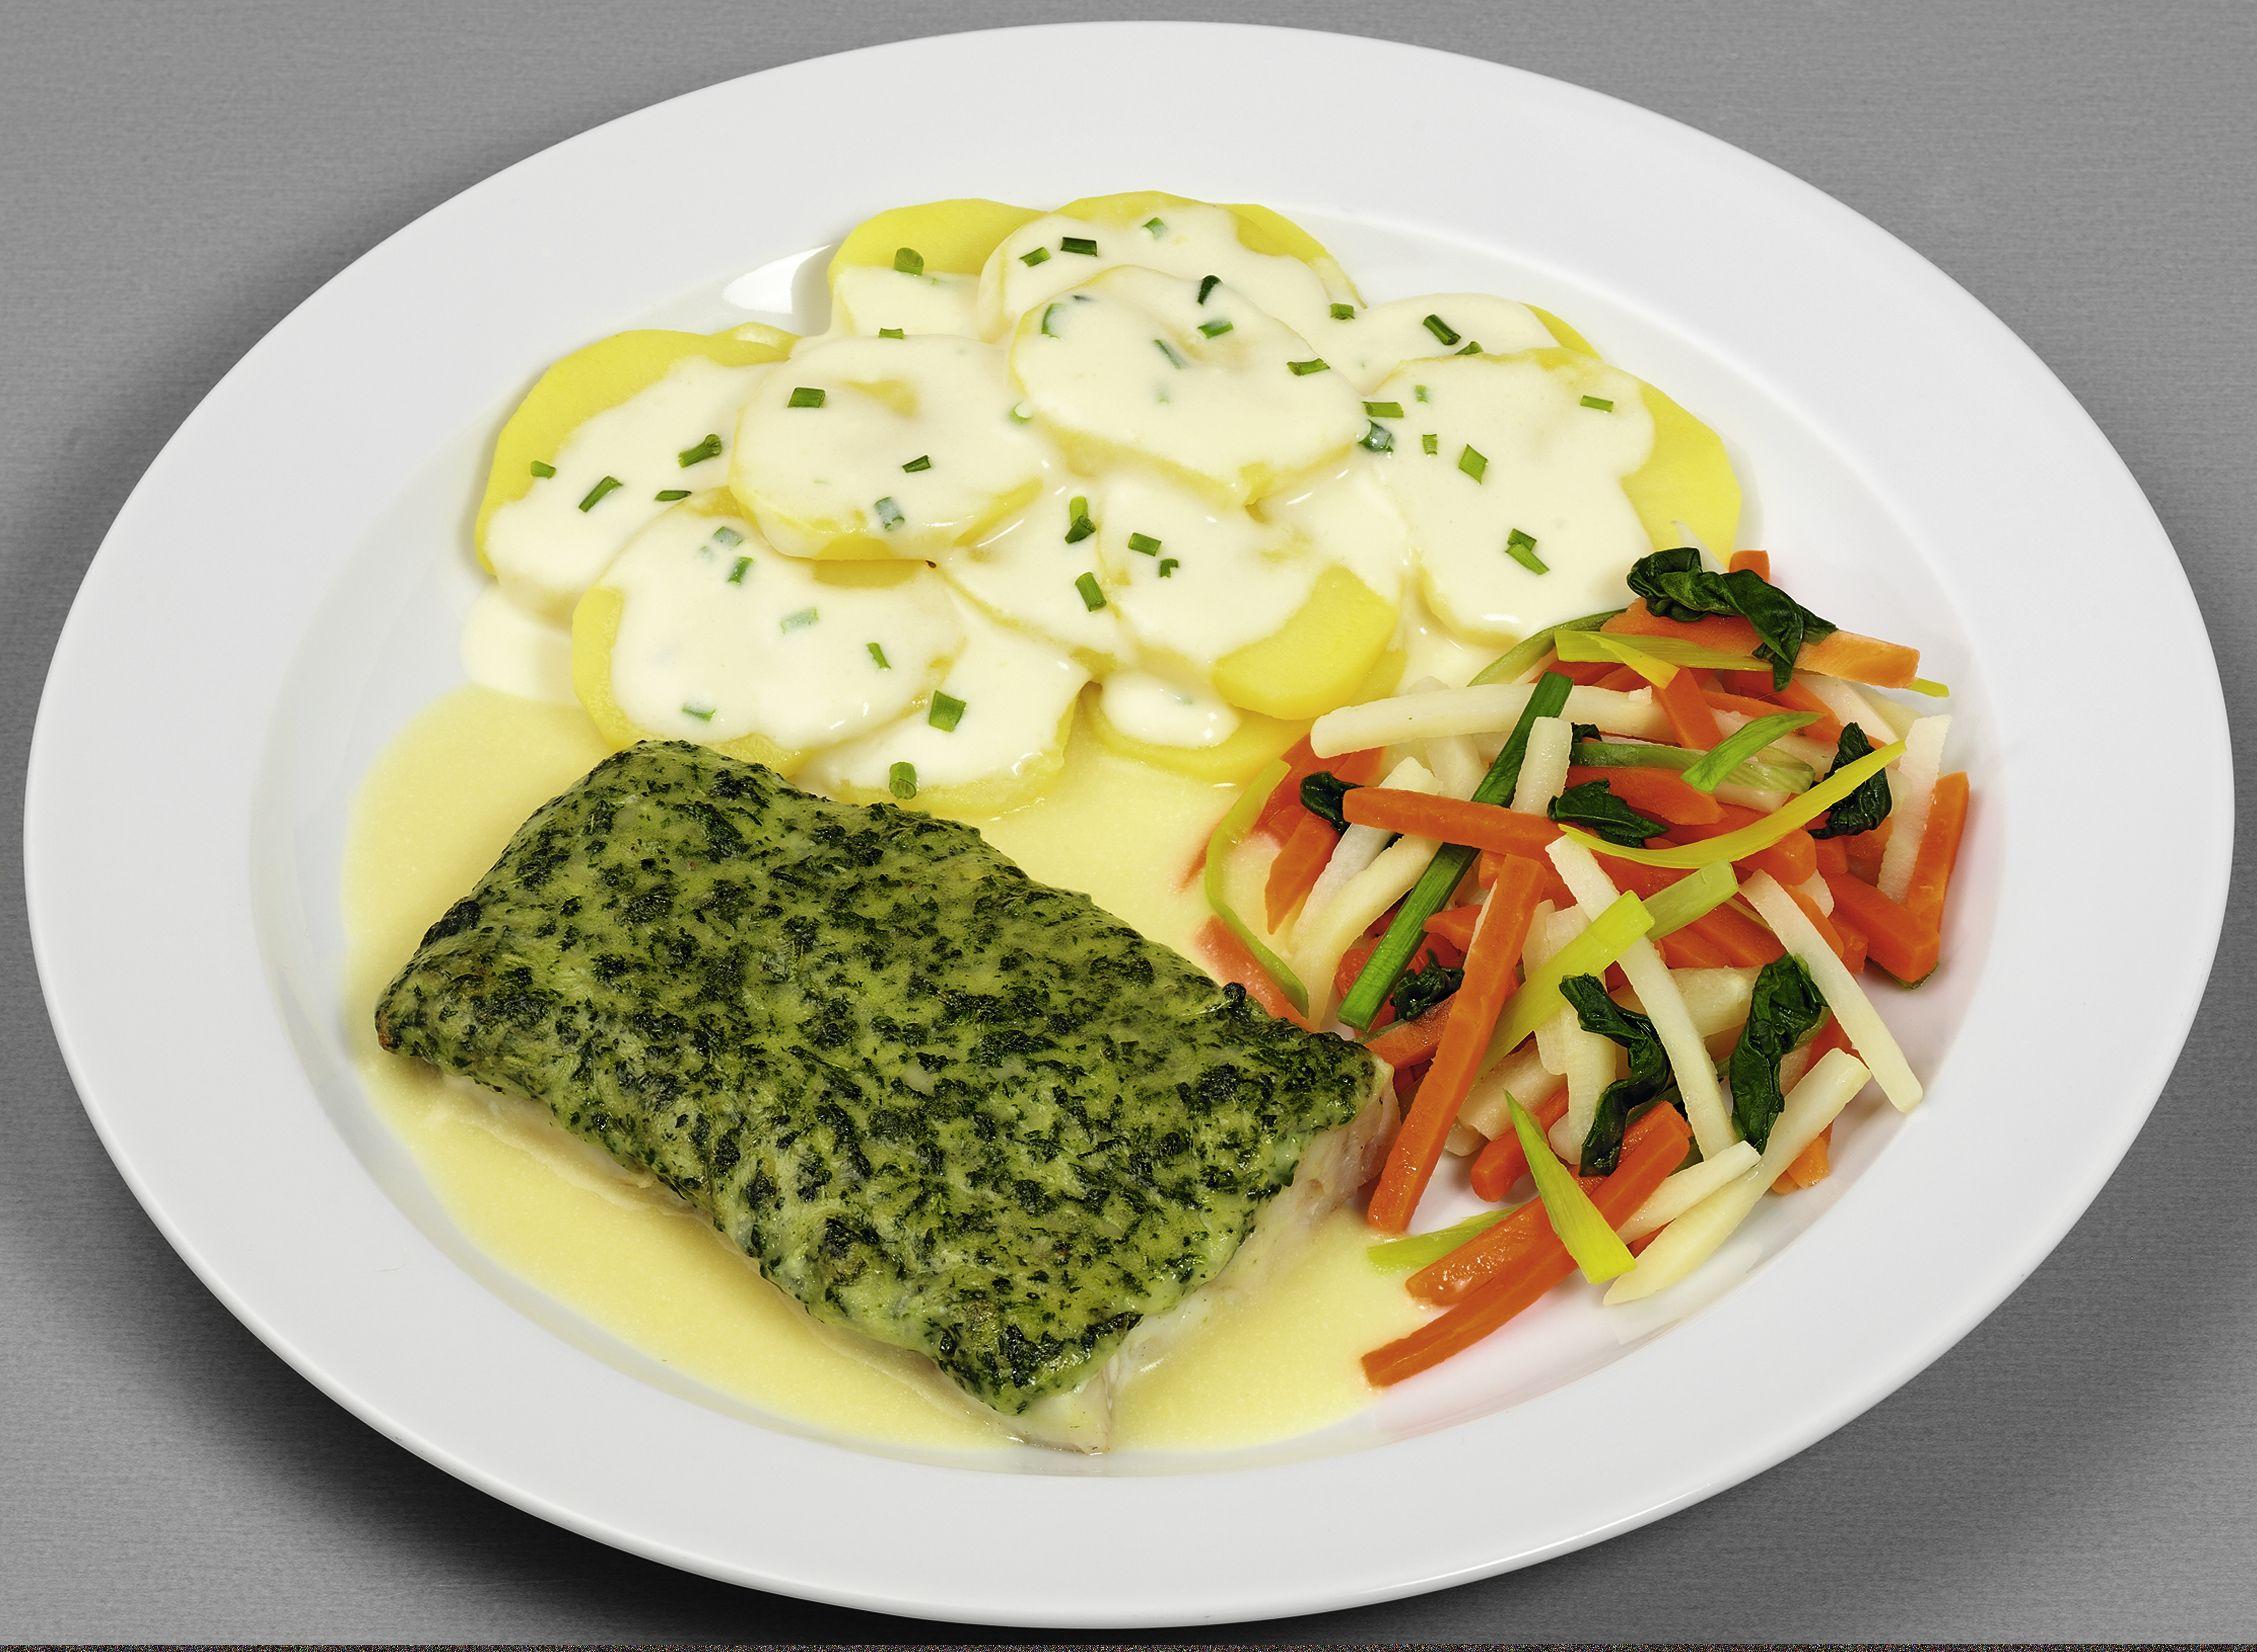 """Schlemmerfilet """"Florentin""""  vom Alaska-Seelachs (aus Filetblöcken portioniert) mit einer Spinat-Käse-Auflage, dazu bunte Gemüsemischung und Rahmkartoffeln"""